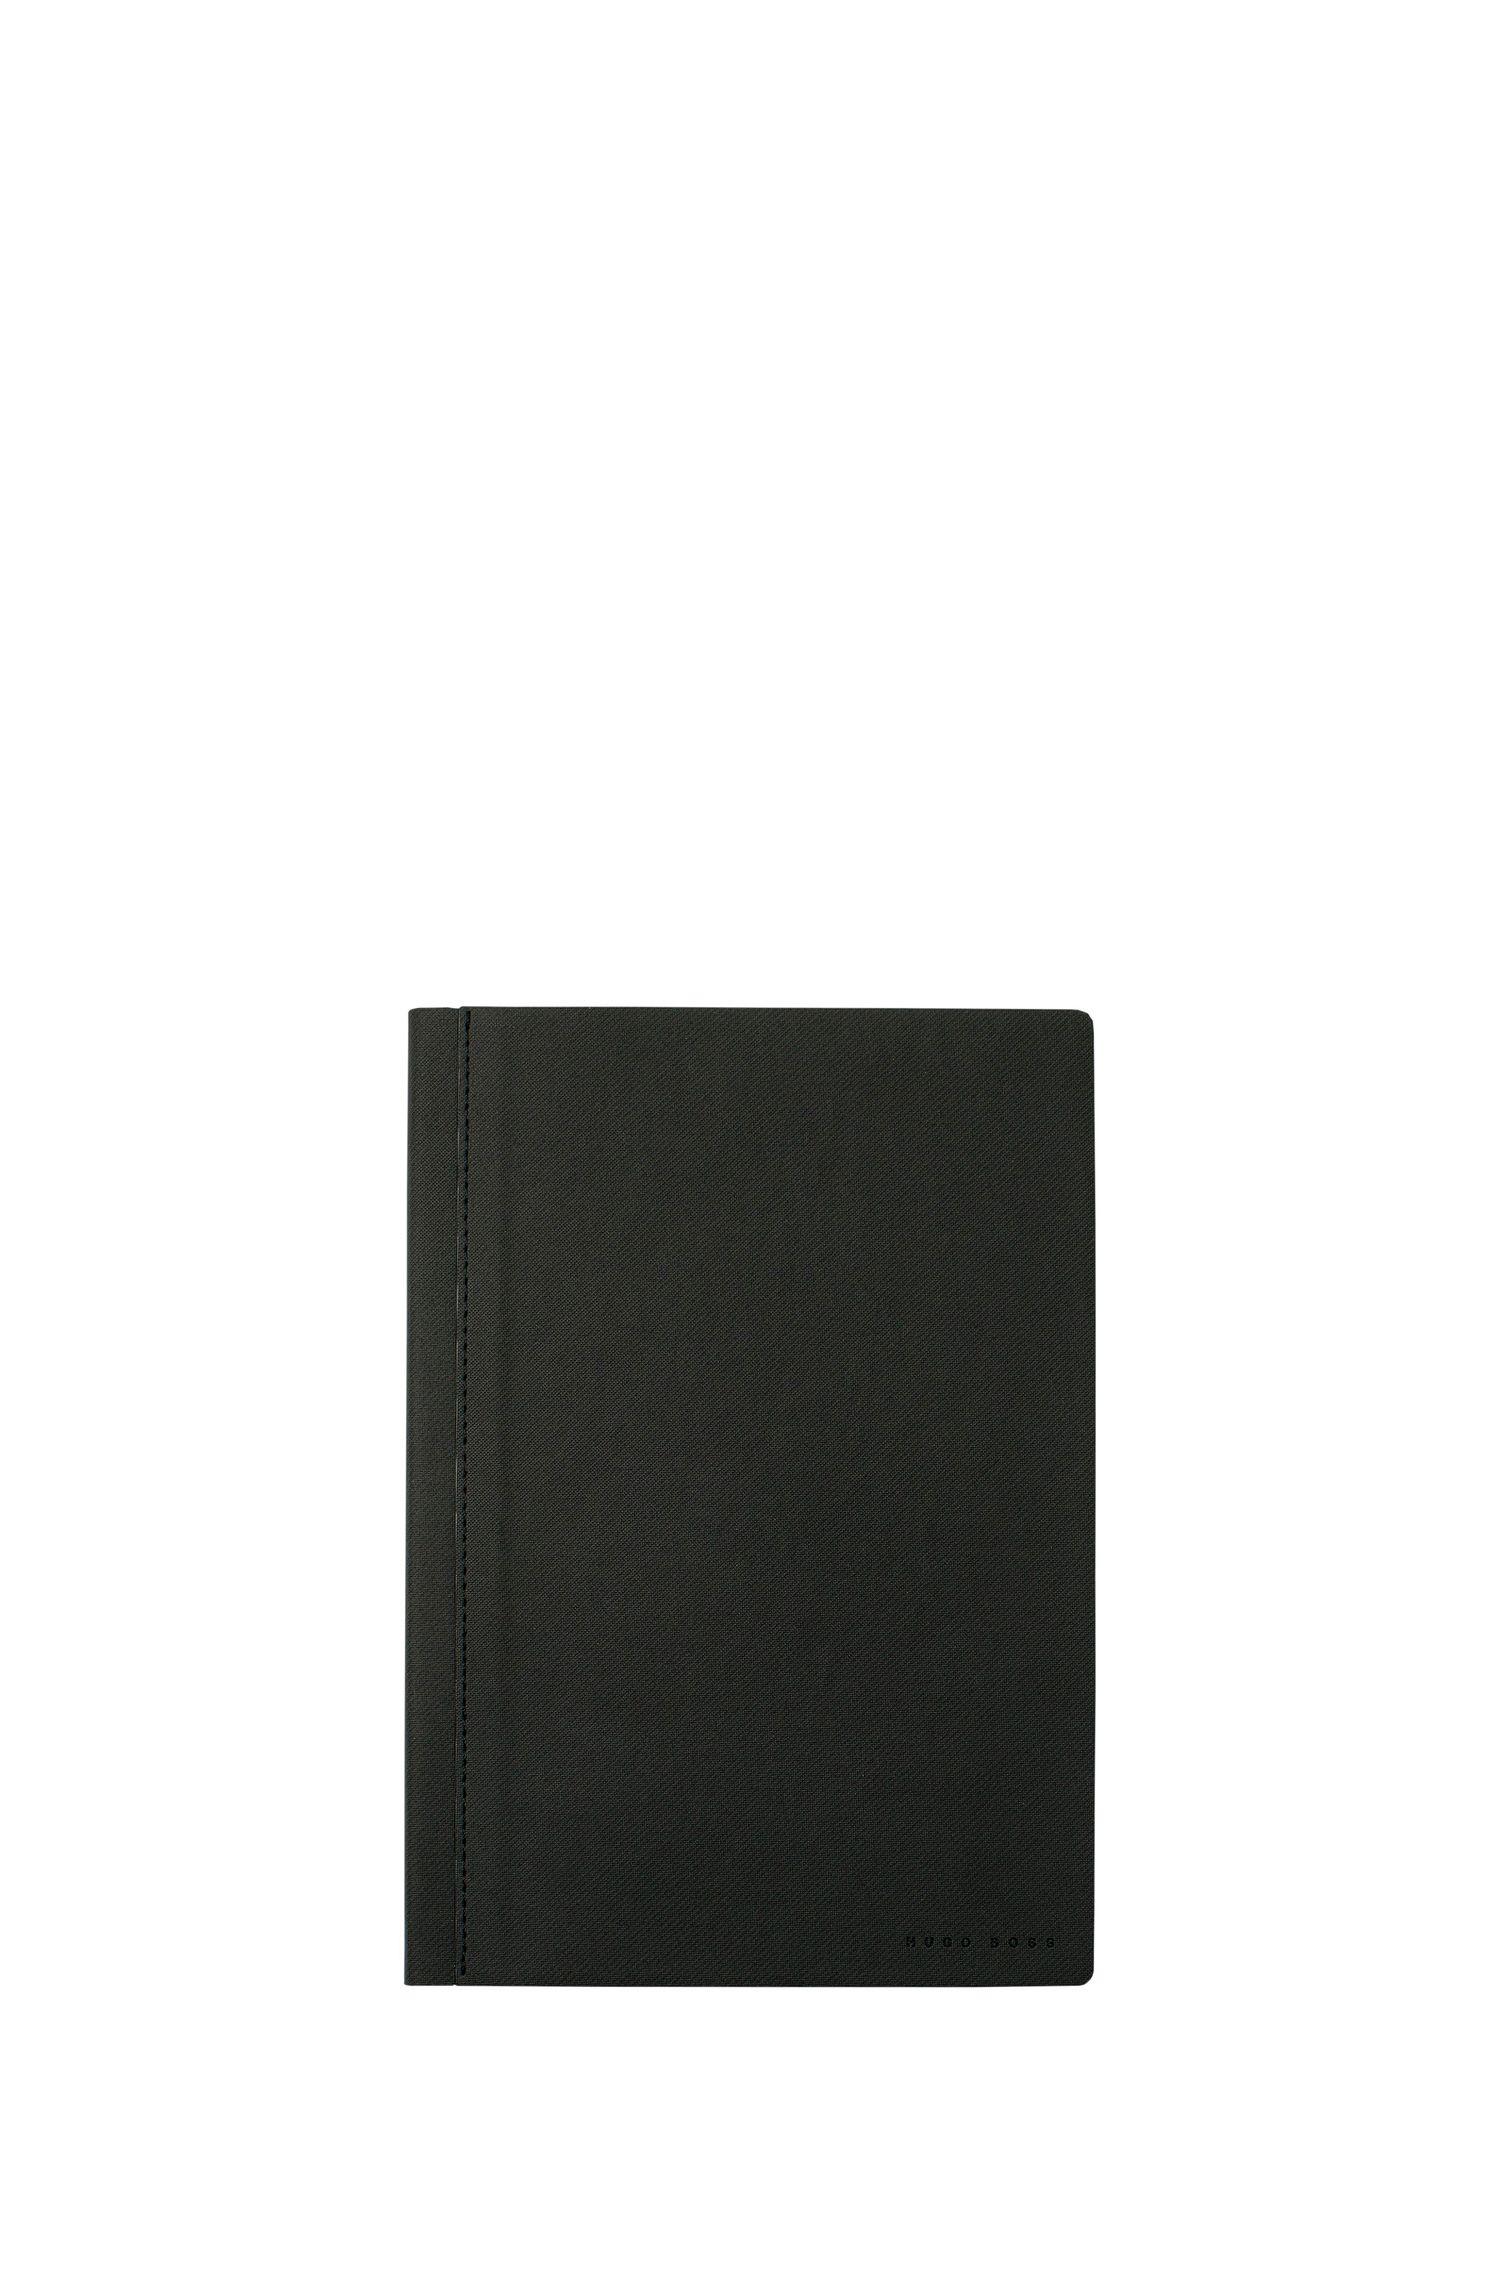 CarnetA5 avec couverture en tissu gris foncé